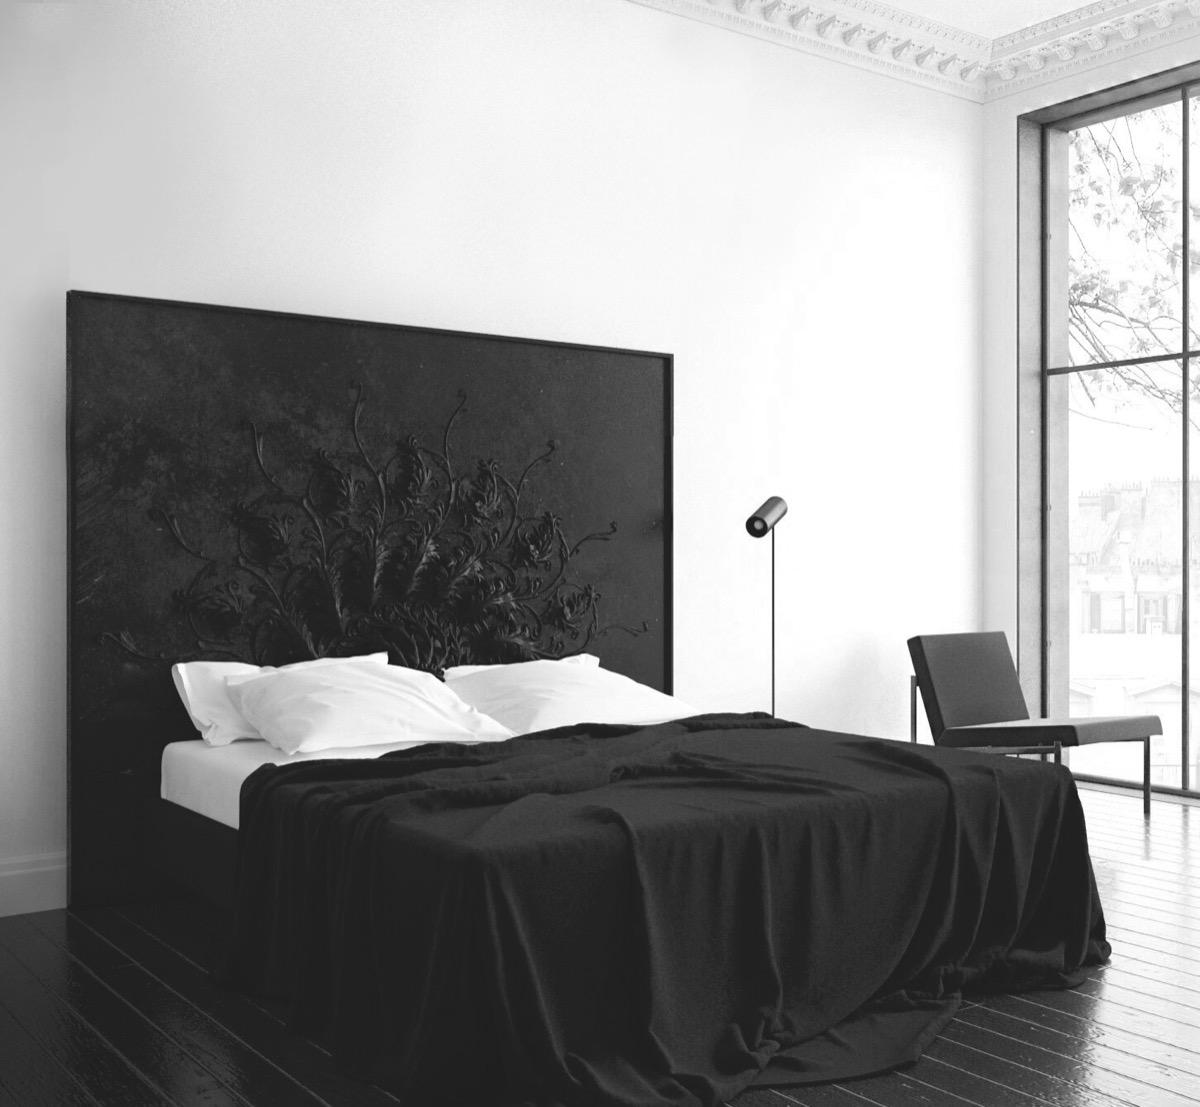 Красивые спальни, которые вызывают восторг: Фотообзор